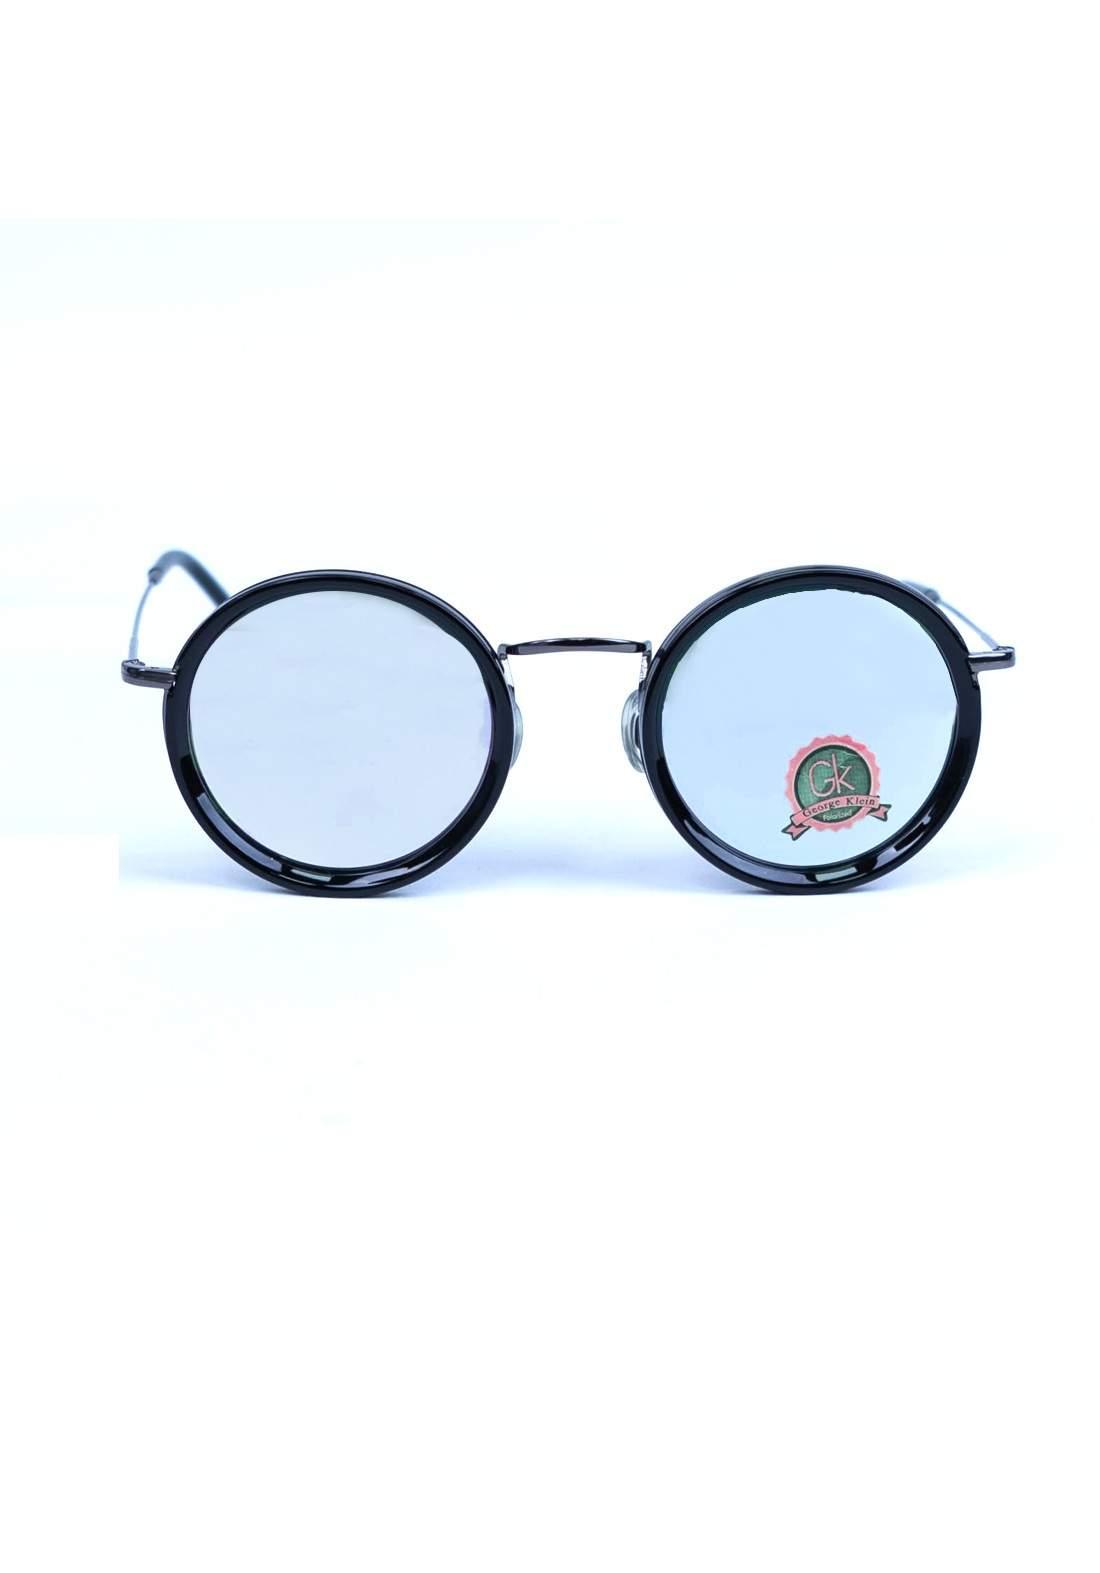 نظارة رجالي بأطار أسود اللون